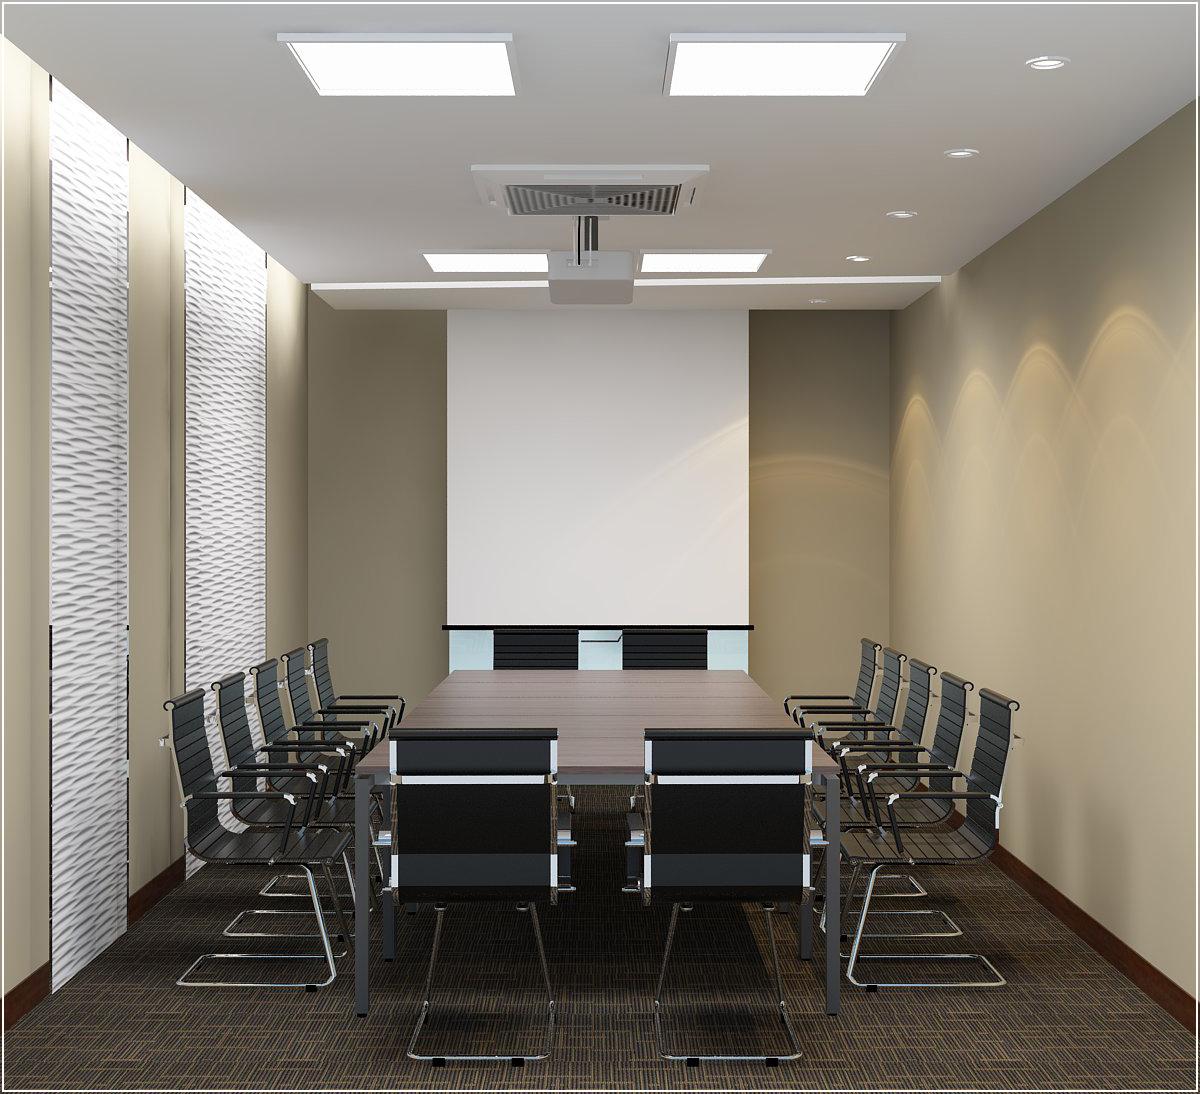 Kết quả hình ảnh cho phòng họp hiện đại